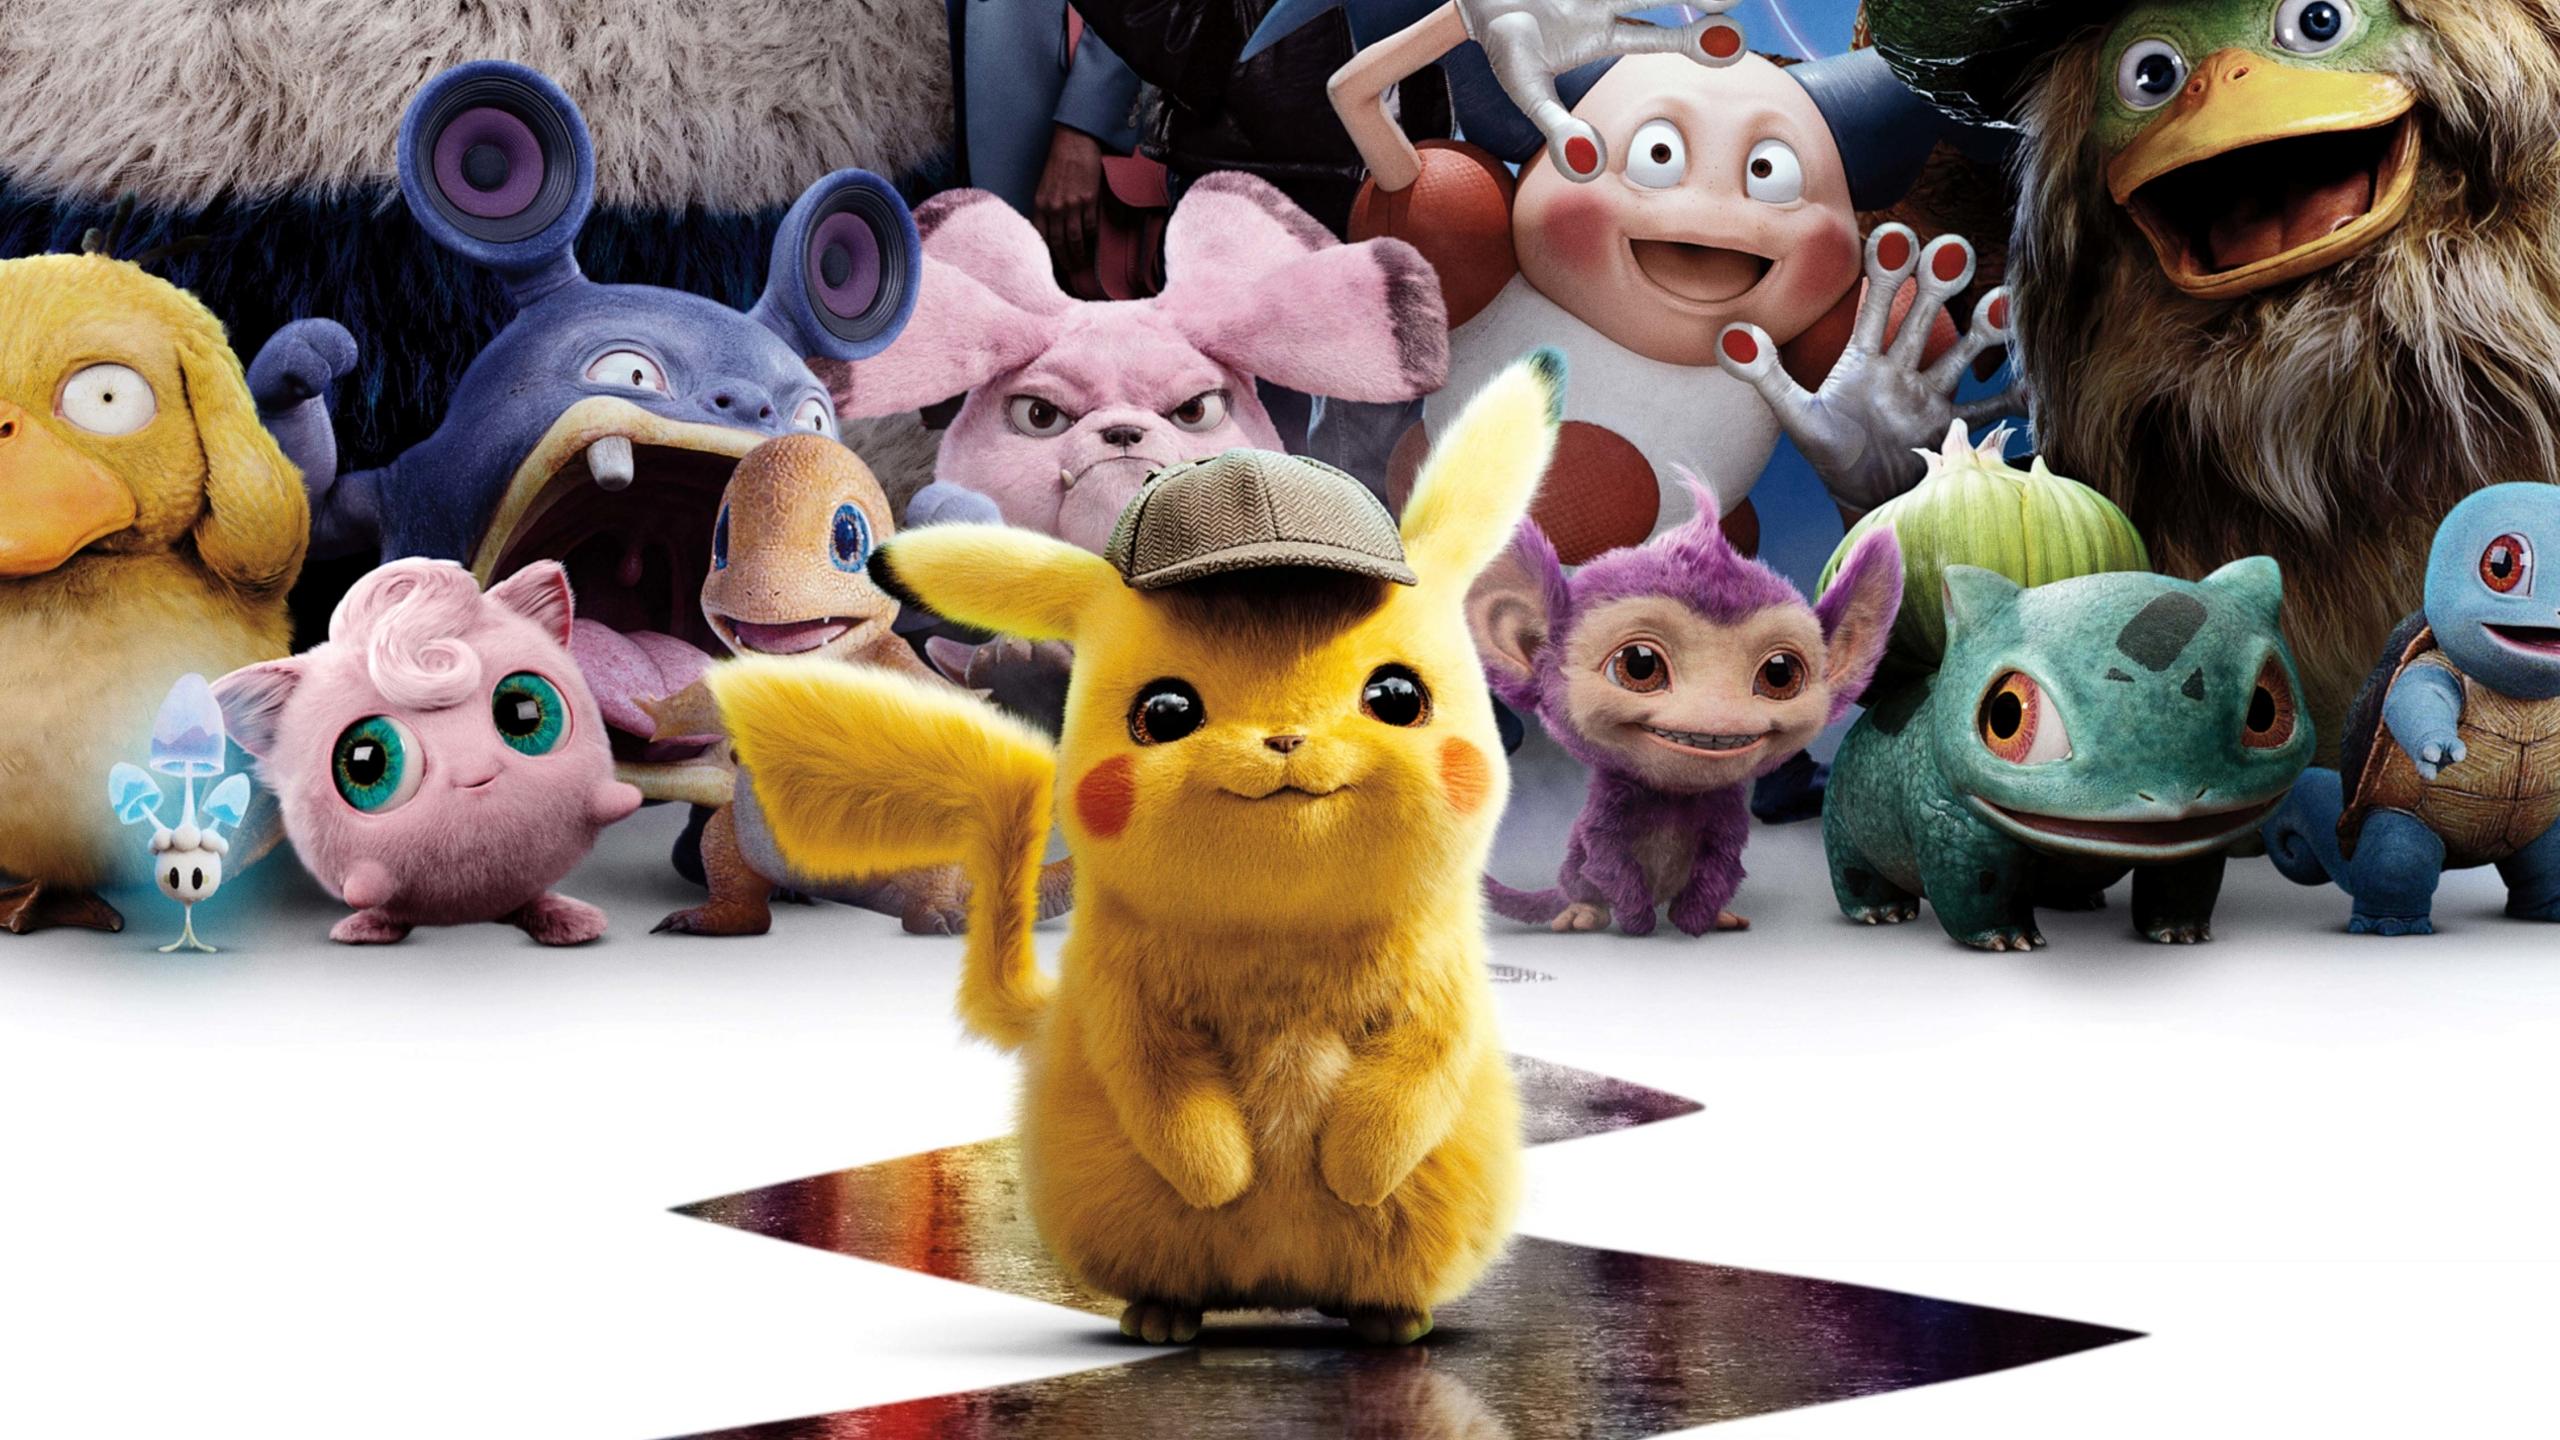 2560x1440 Pokemon Detective Pikachu Characters And Pokemon 1440p